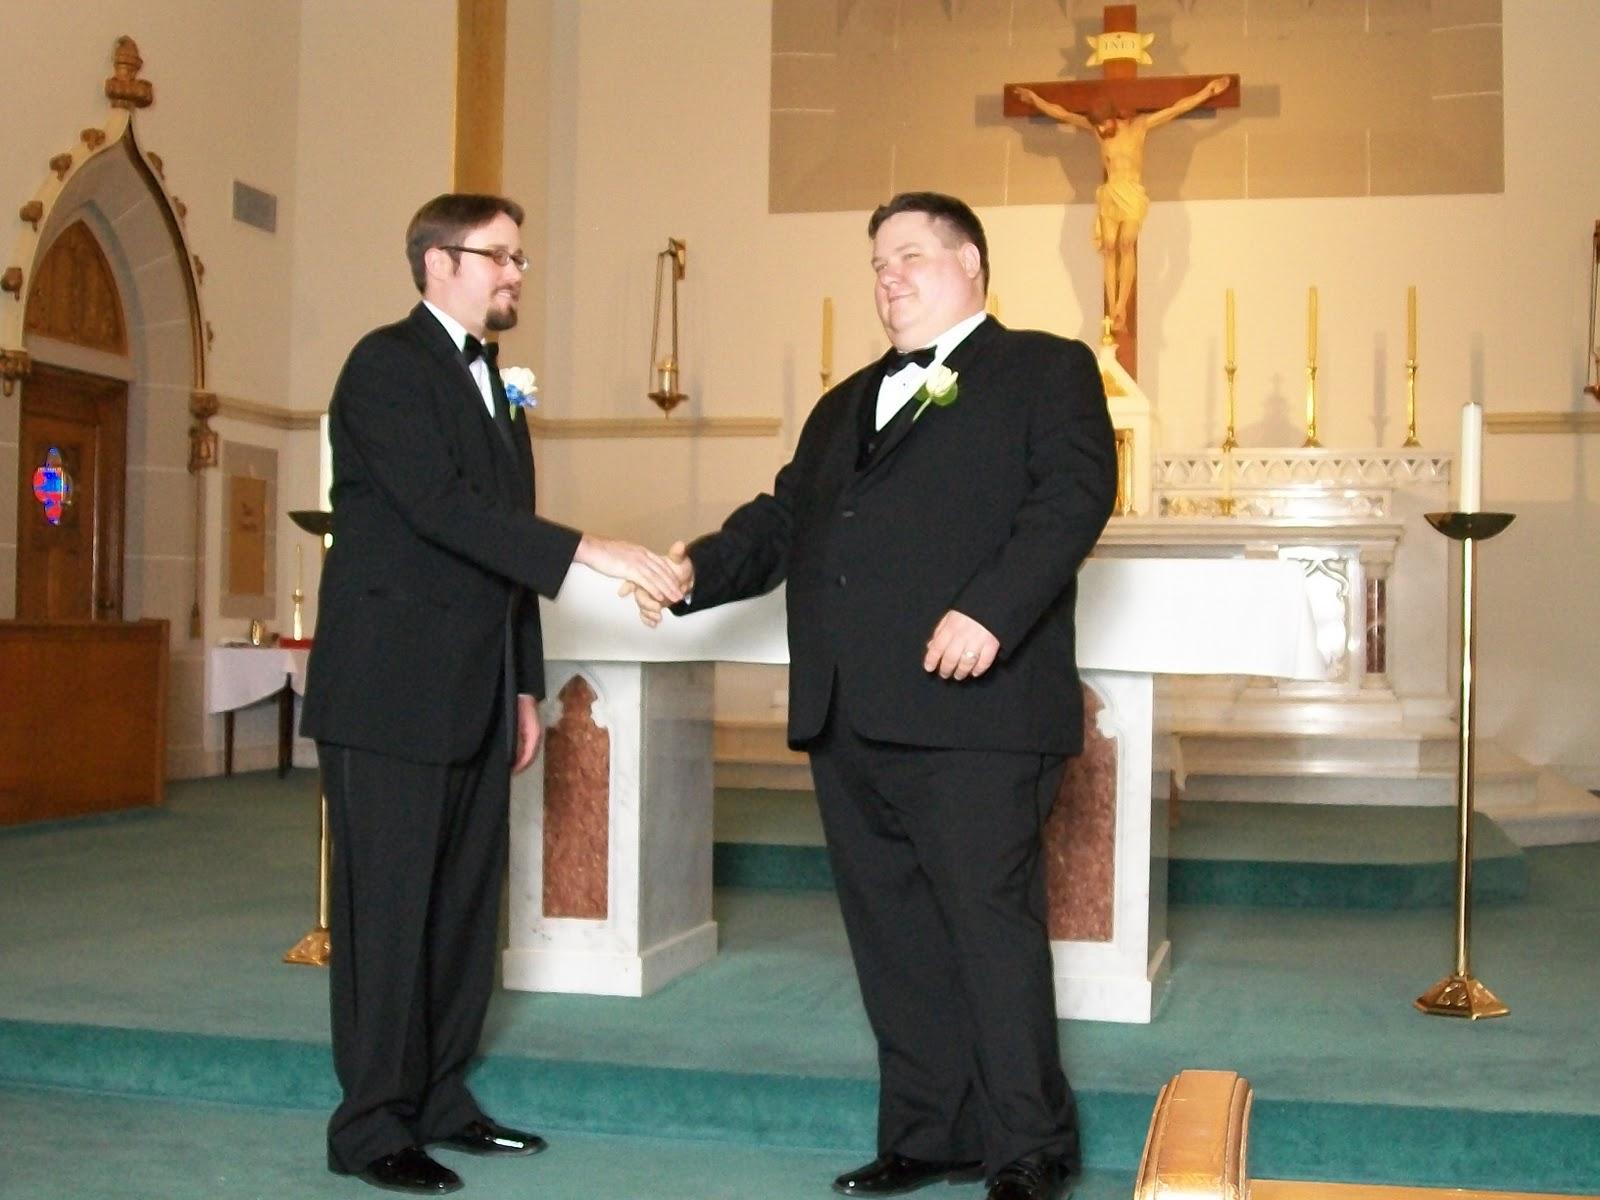 Our Wedding, photos by Joan Moeller - 100_0386.JPG